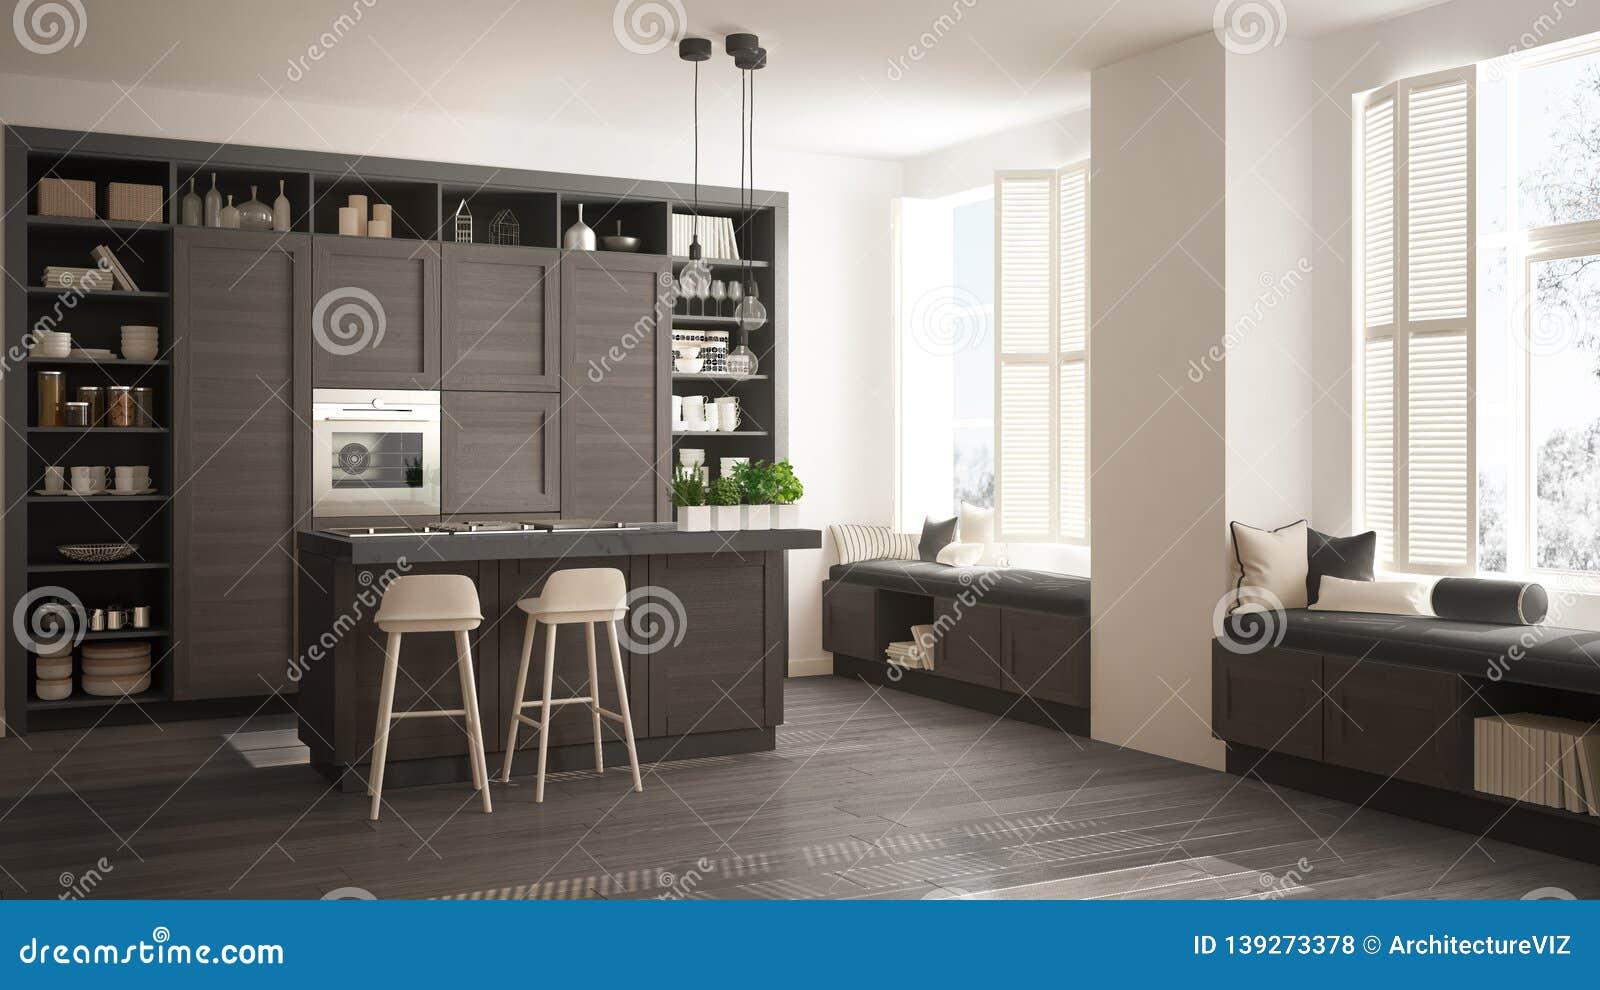 Modern Gray Kitchen With Dark Wooden Details In Contemporary